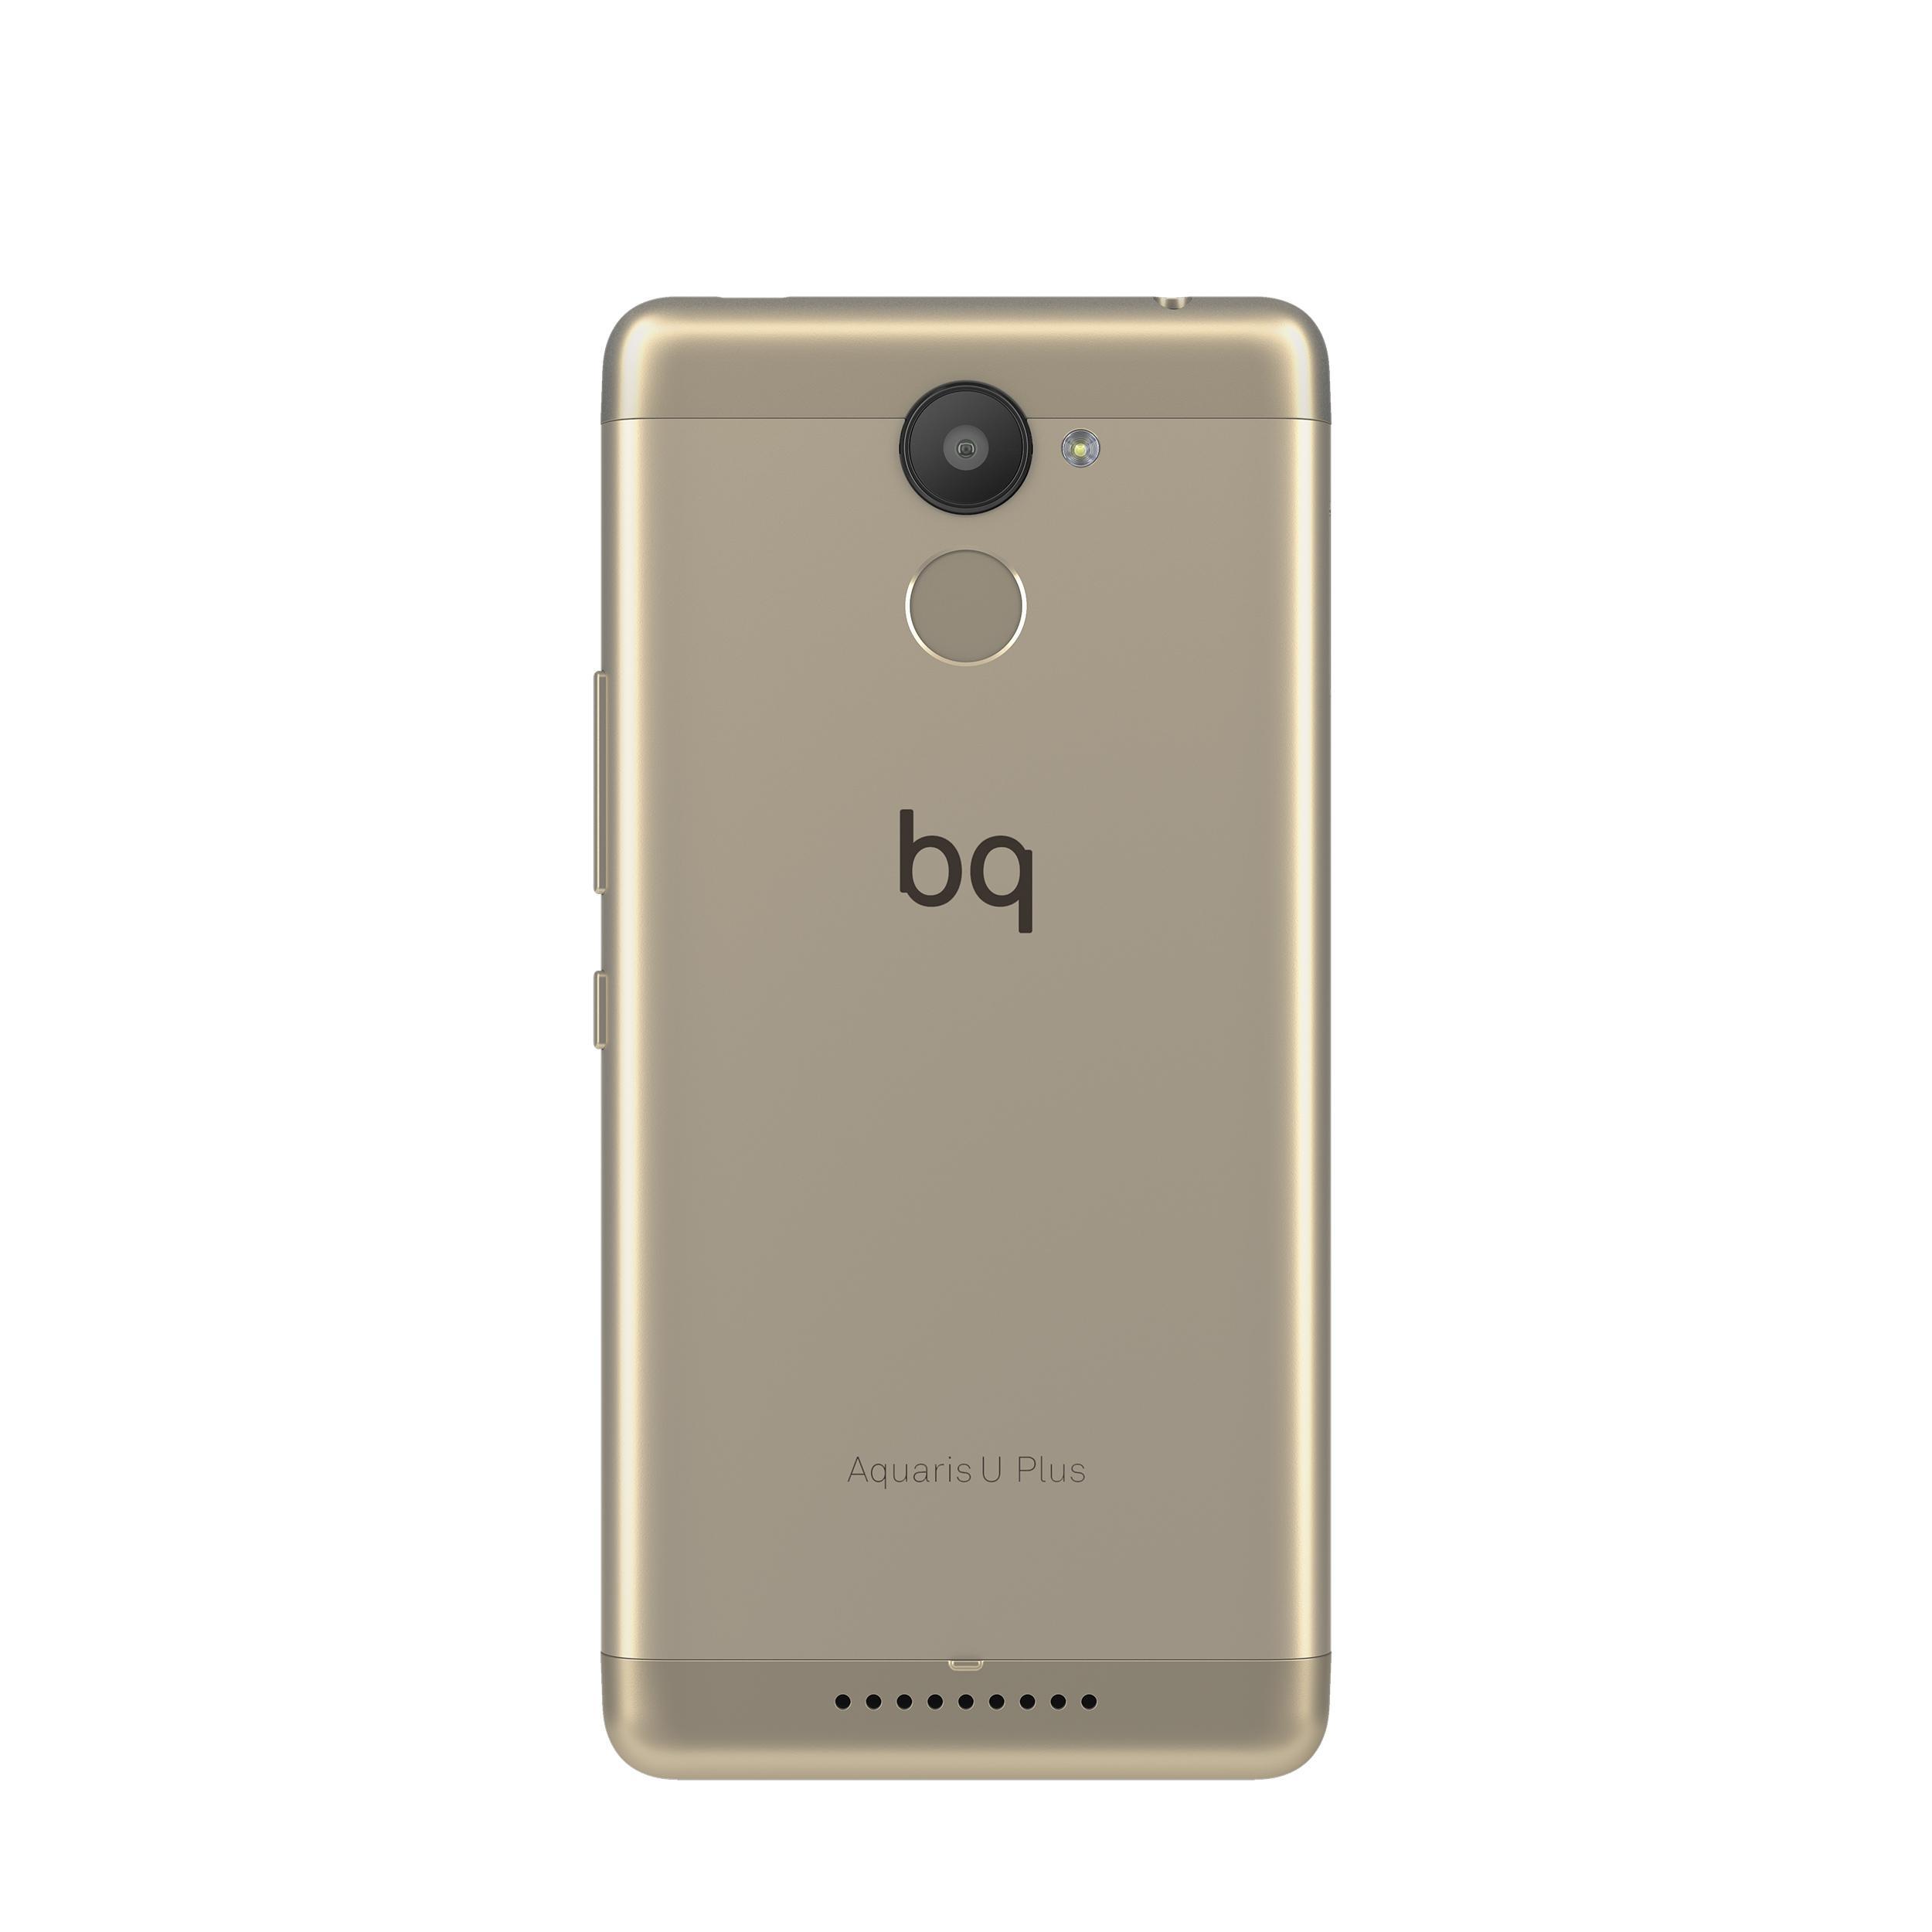 bq Aquaris U Plus cámara digital y lector de huellas